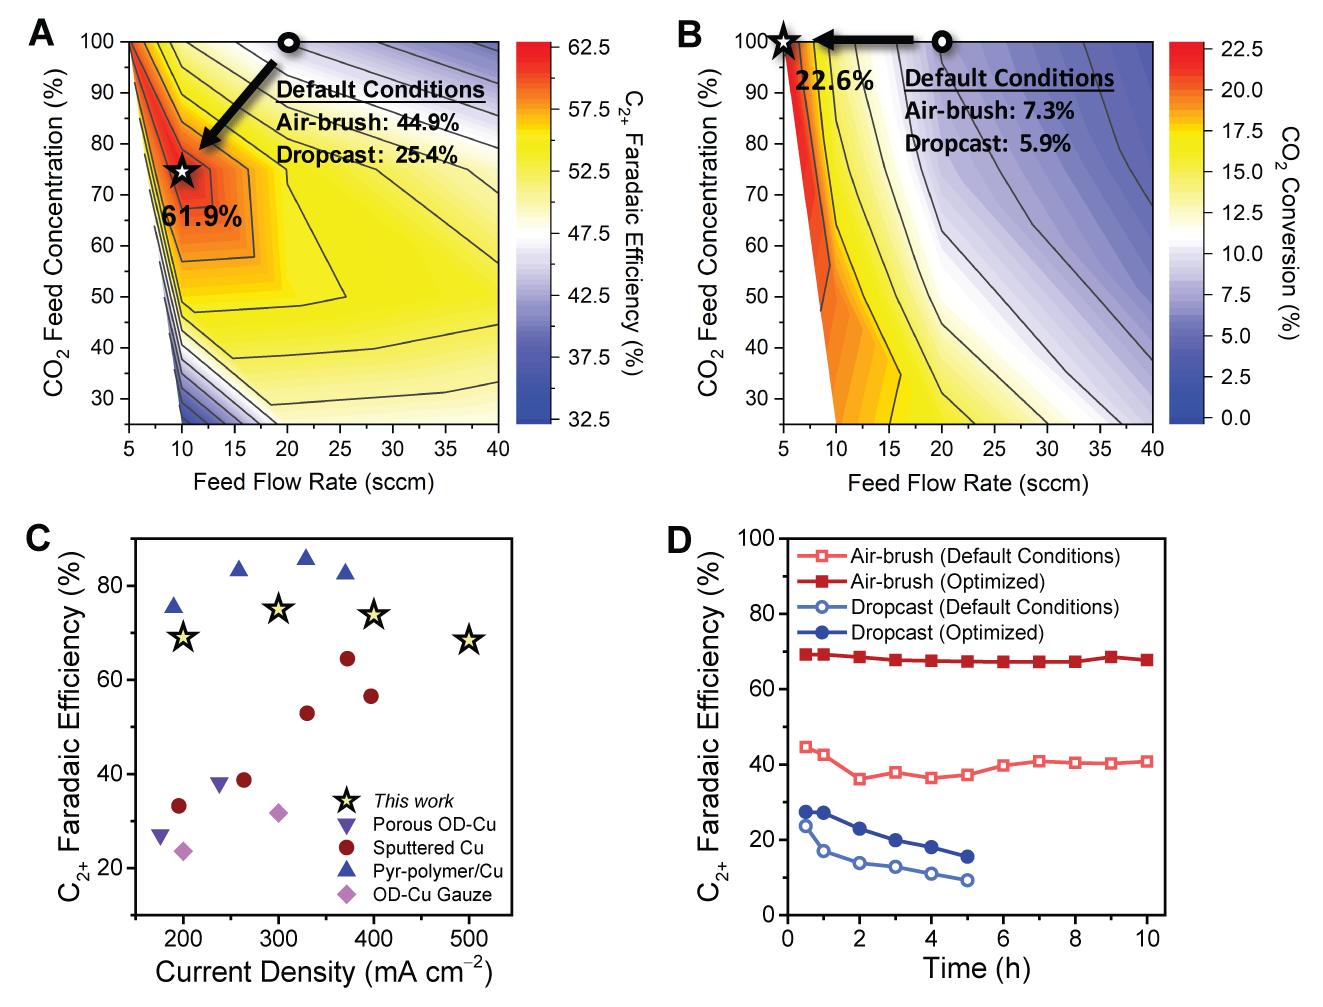 그림 3. 다양한 촉매 층 구조에서 이산화탄소 공급 농도와 유량에 따른 (a) 다탄소화합물의 선택도와 (b) 이산화탄소 전환율을 나타낸 등고선 그래프. 별이 표시된 위치가 가장 높은 선택도와 전환율을 나타낸다. (c) 본 연구의 생성량에 따른 다탄소화합물의 선택도를 보고된 다른 연구 결과와 비교한 그래프, (d) 본 연구에서 최적화된 공정에서 전극의 안정성과 기존 공정에서의 안정성을 비교하는 그래프.